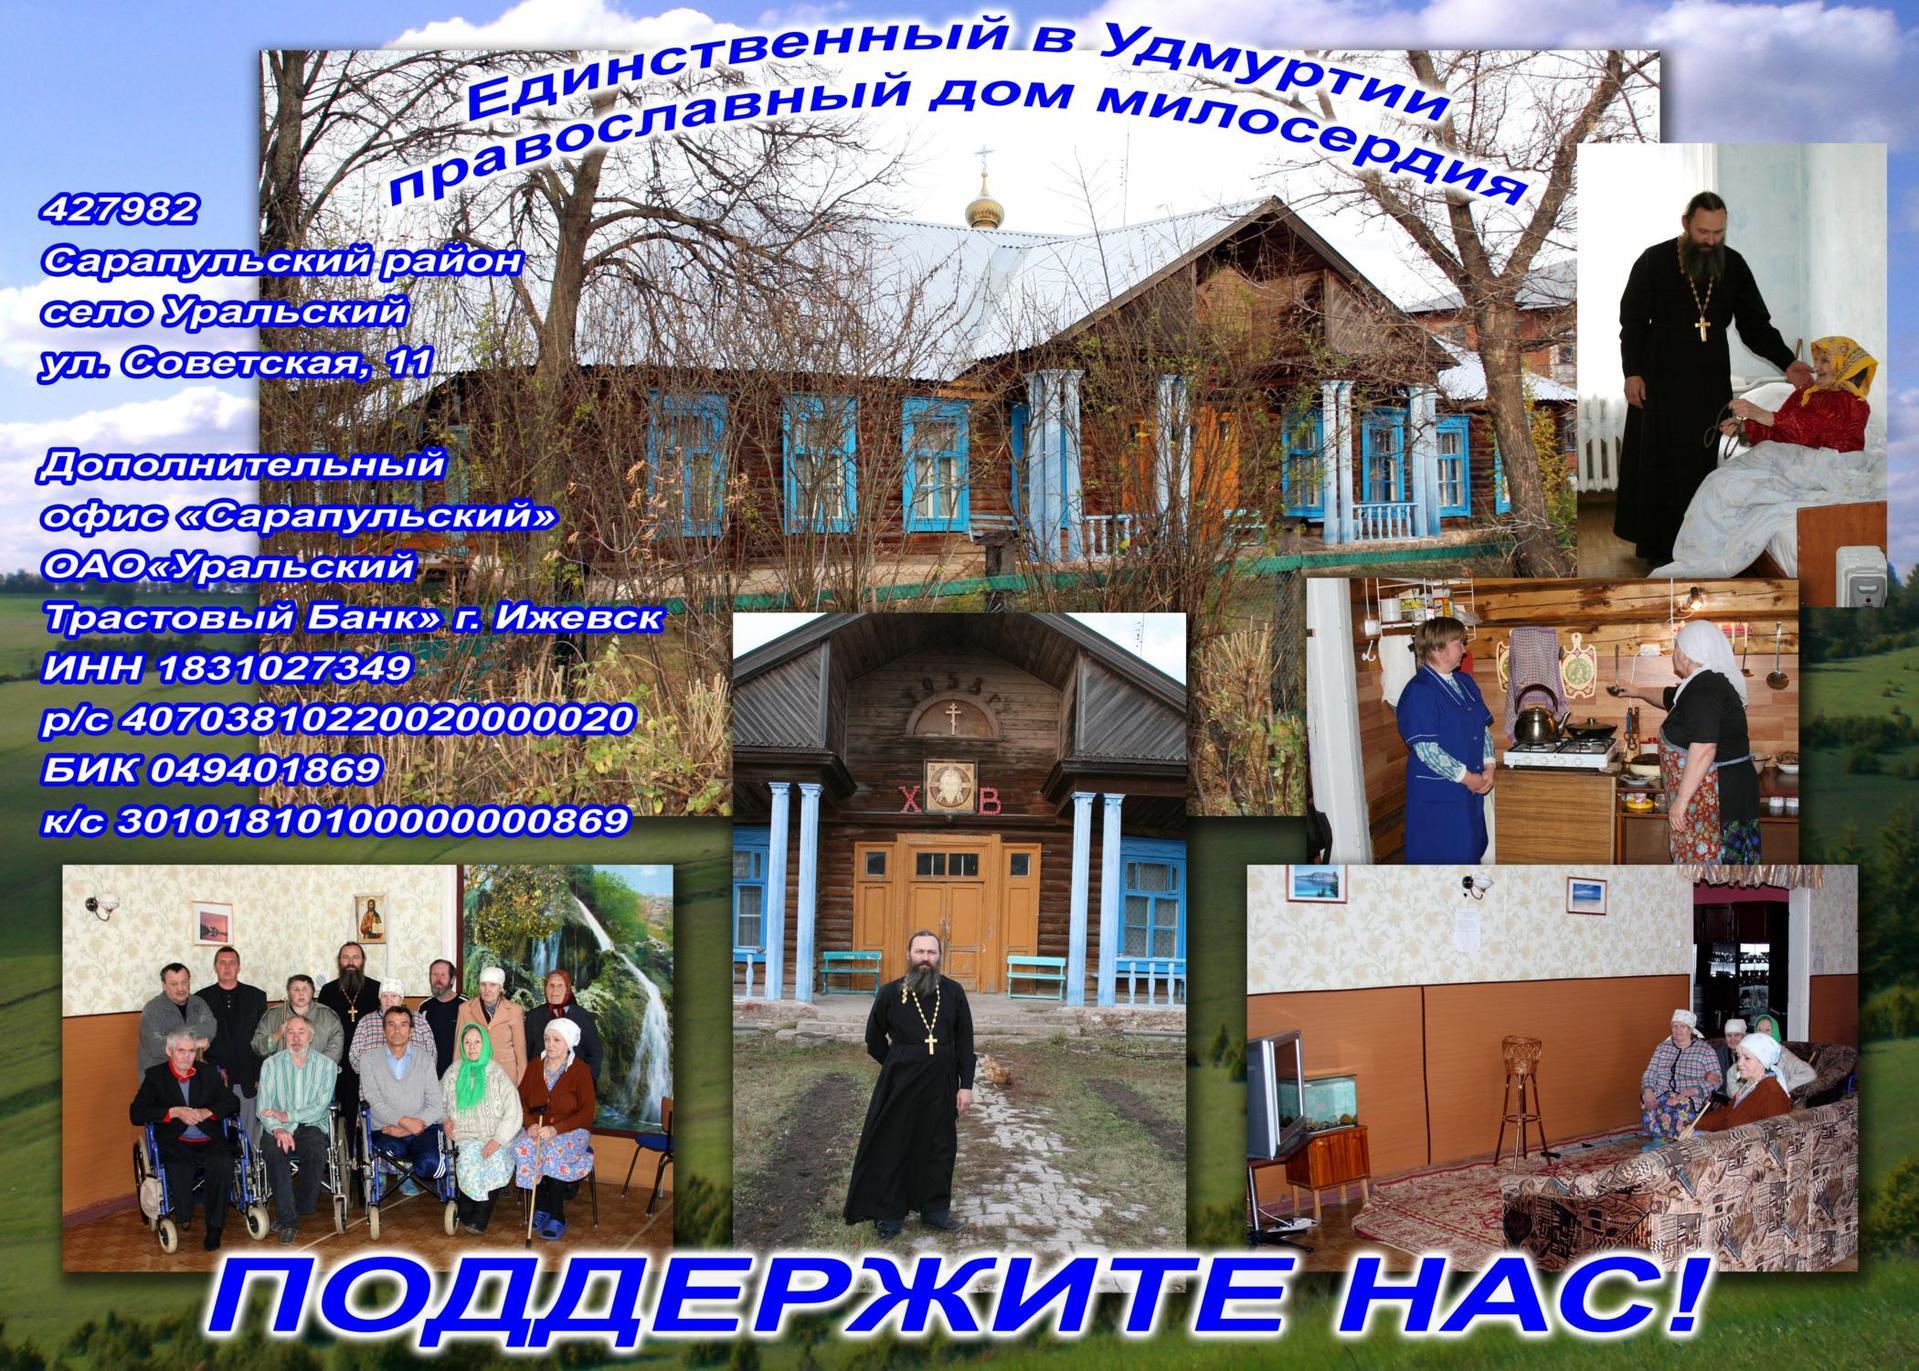 Ижевский дом интернат для престарелых и инвалидов главная сайт бузулукского дома интерната для престарелых